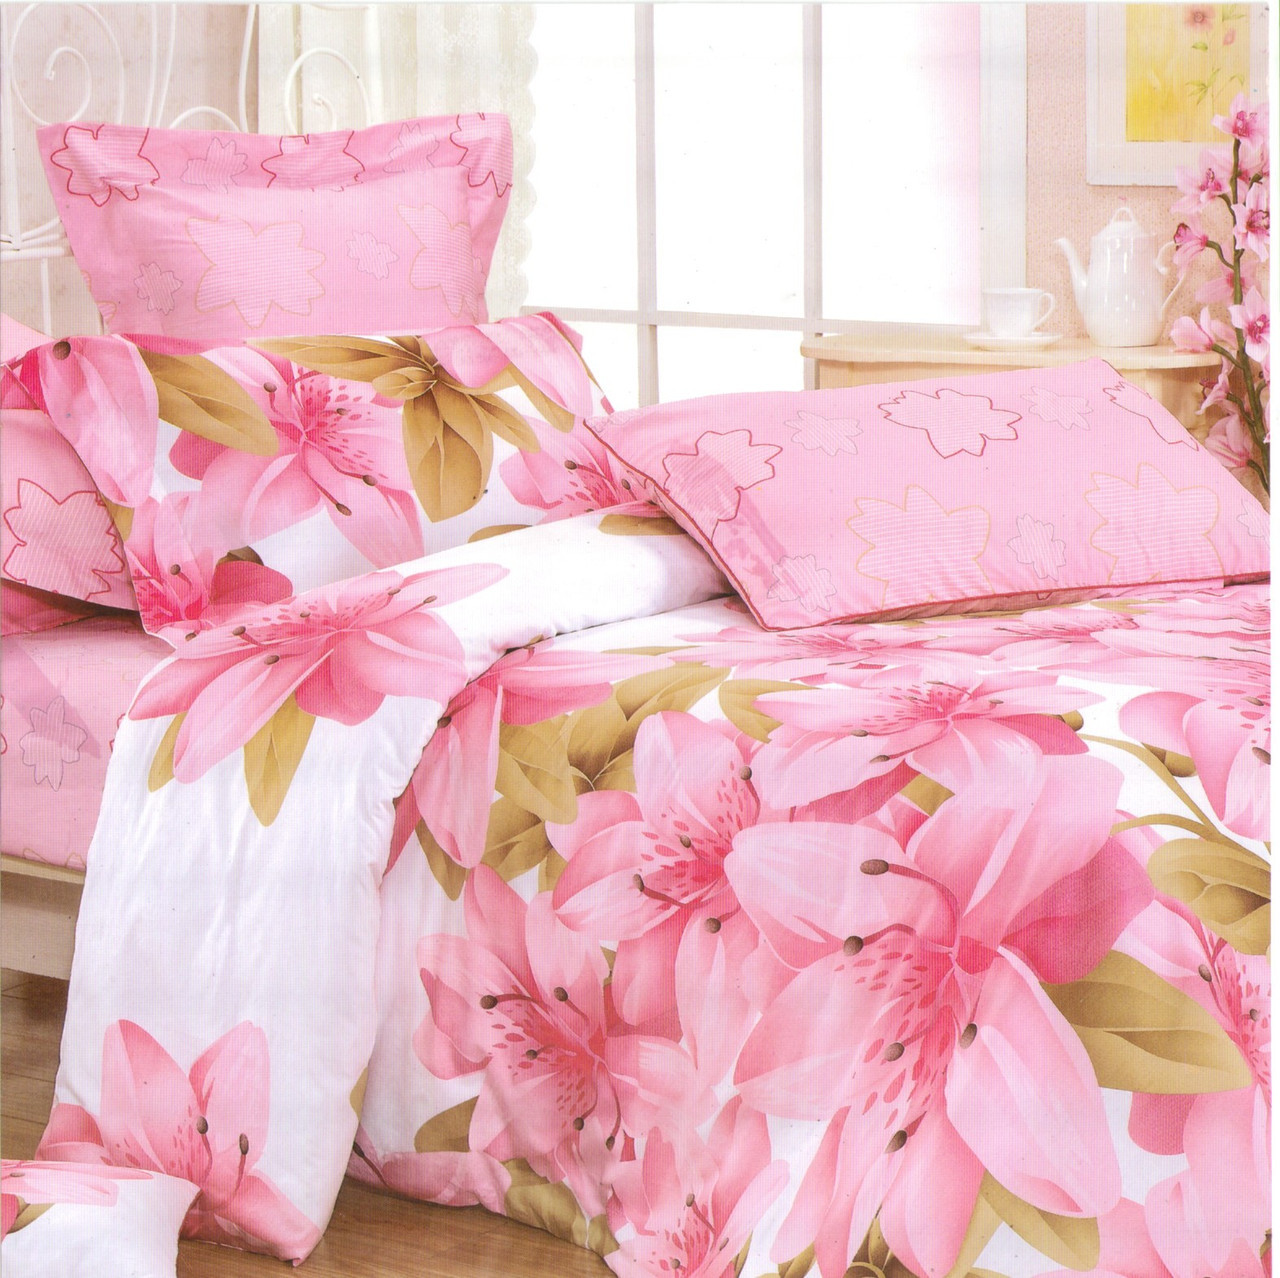 1f8a6c966b43 Розовое постельное белье евро размера из бязи: продажа, цена в ...